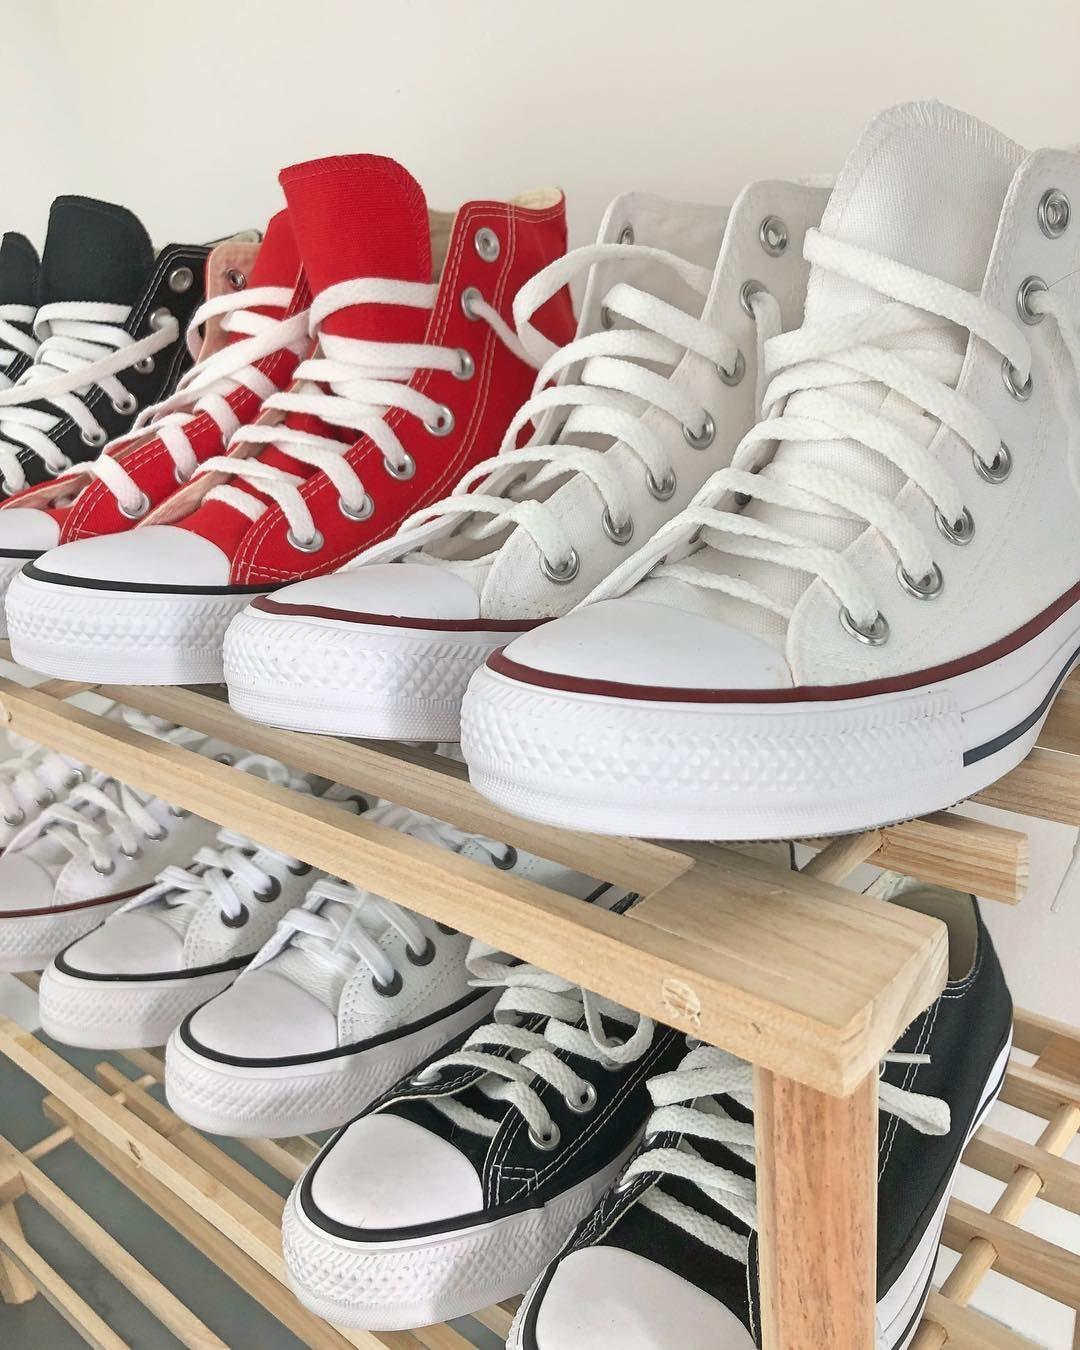 A imagem pode conter: sapatos | Sneakers, Chucks converse, Shoes